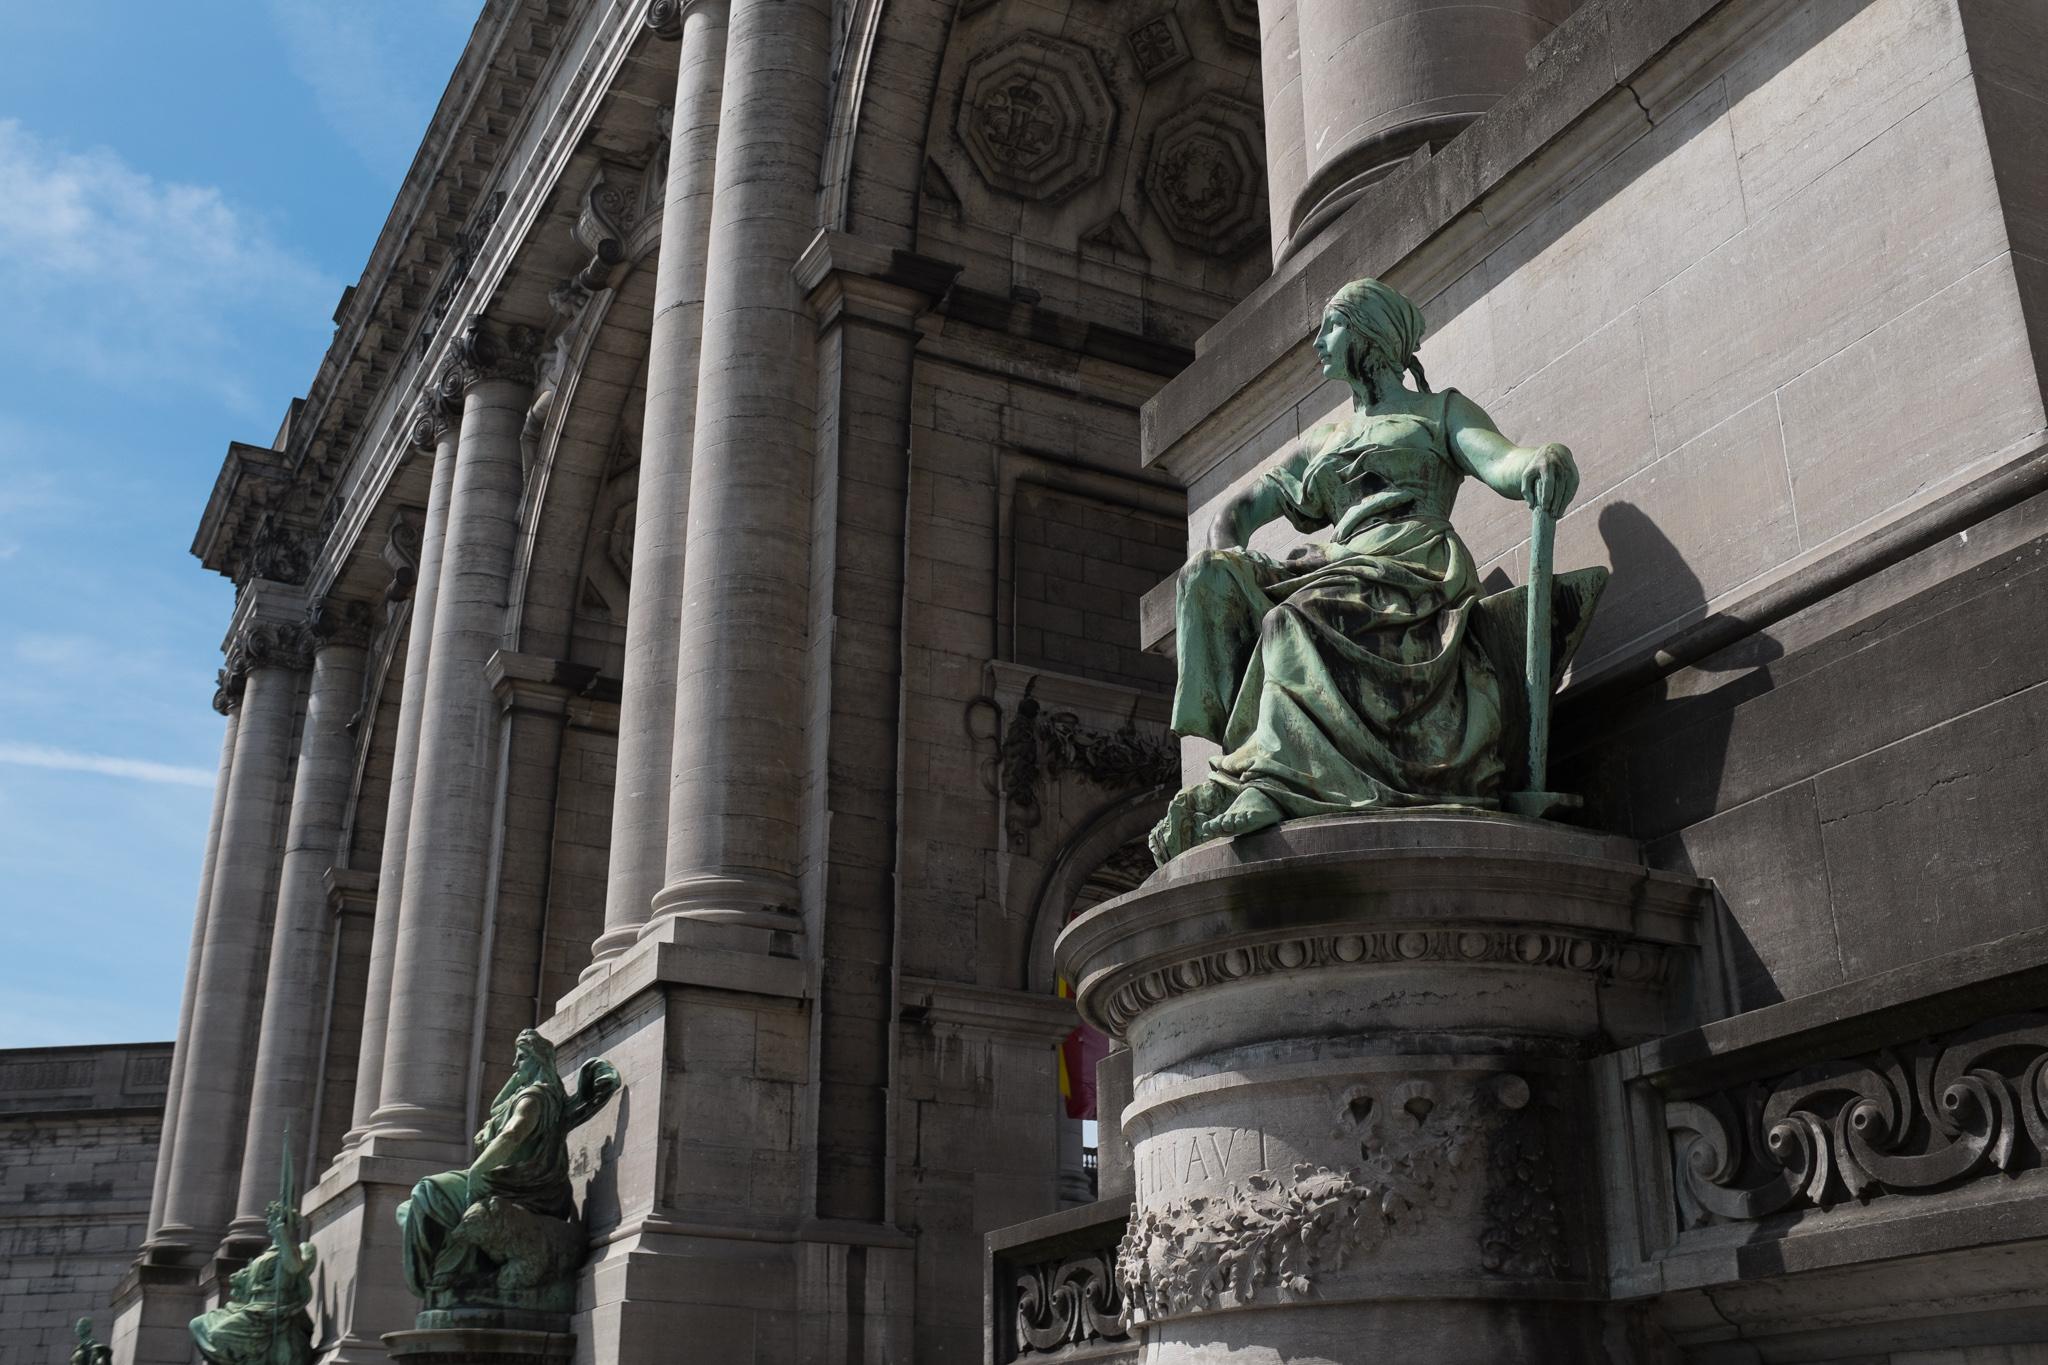 3321-architecture-in-belgium.jpg